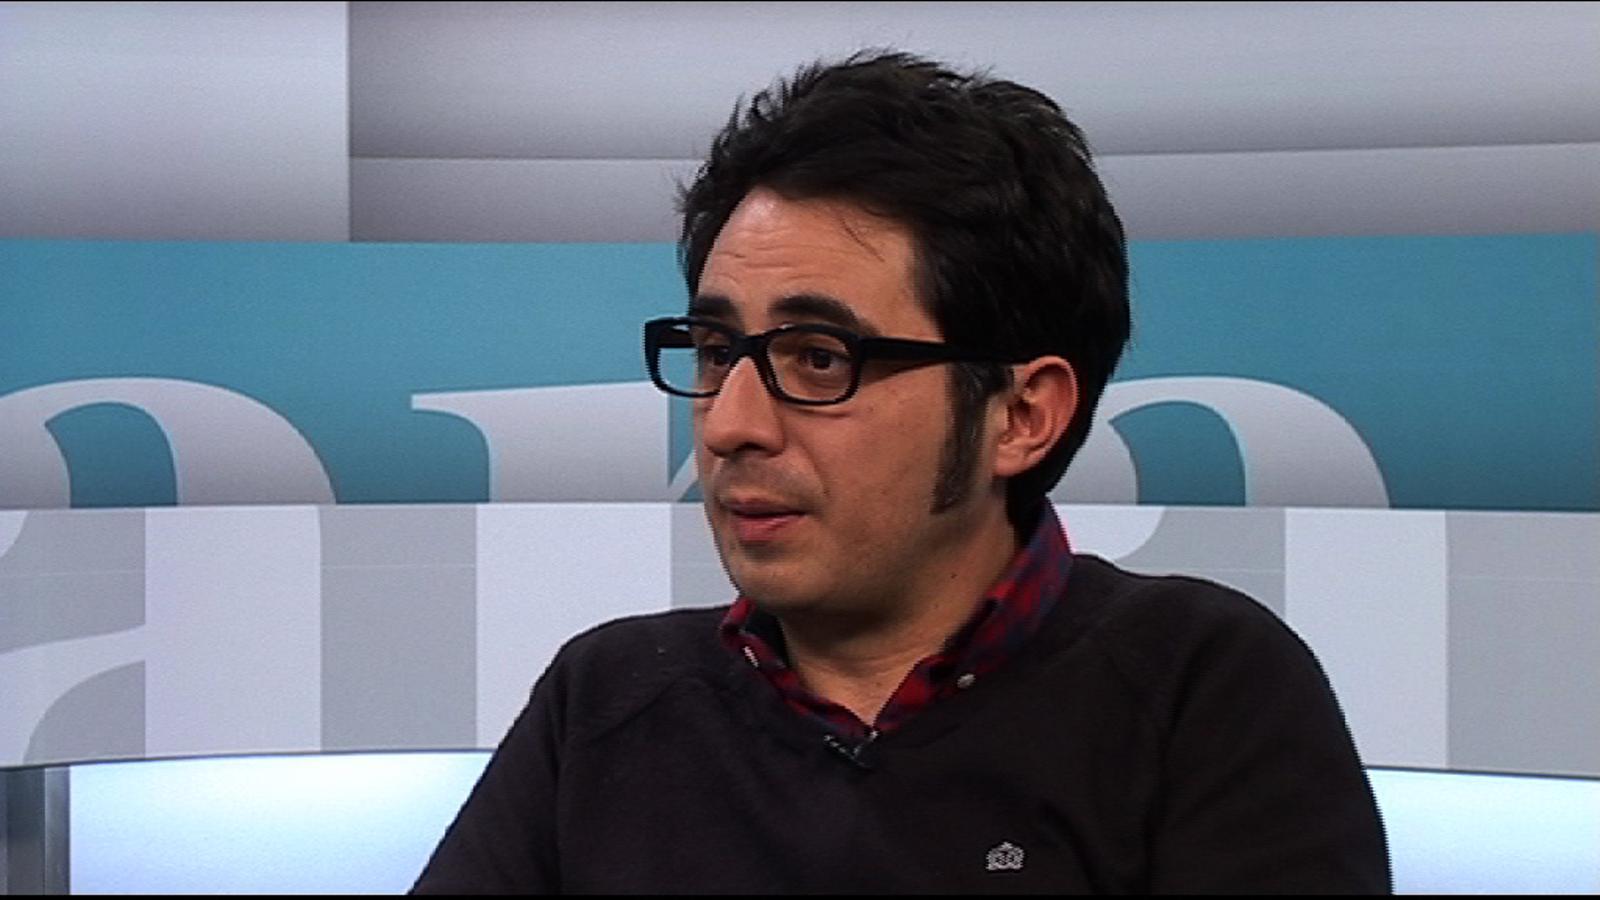 Berto Romero: Sóc carn d'evasió i la meva guerra és fer riure